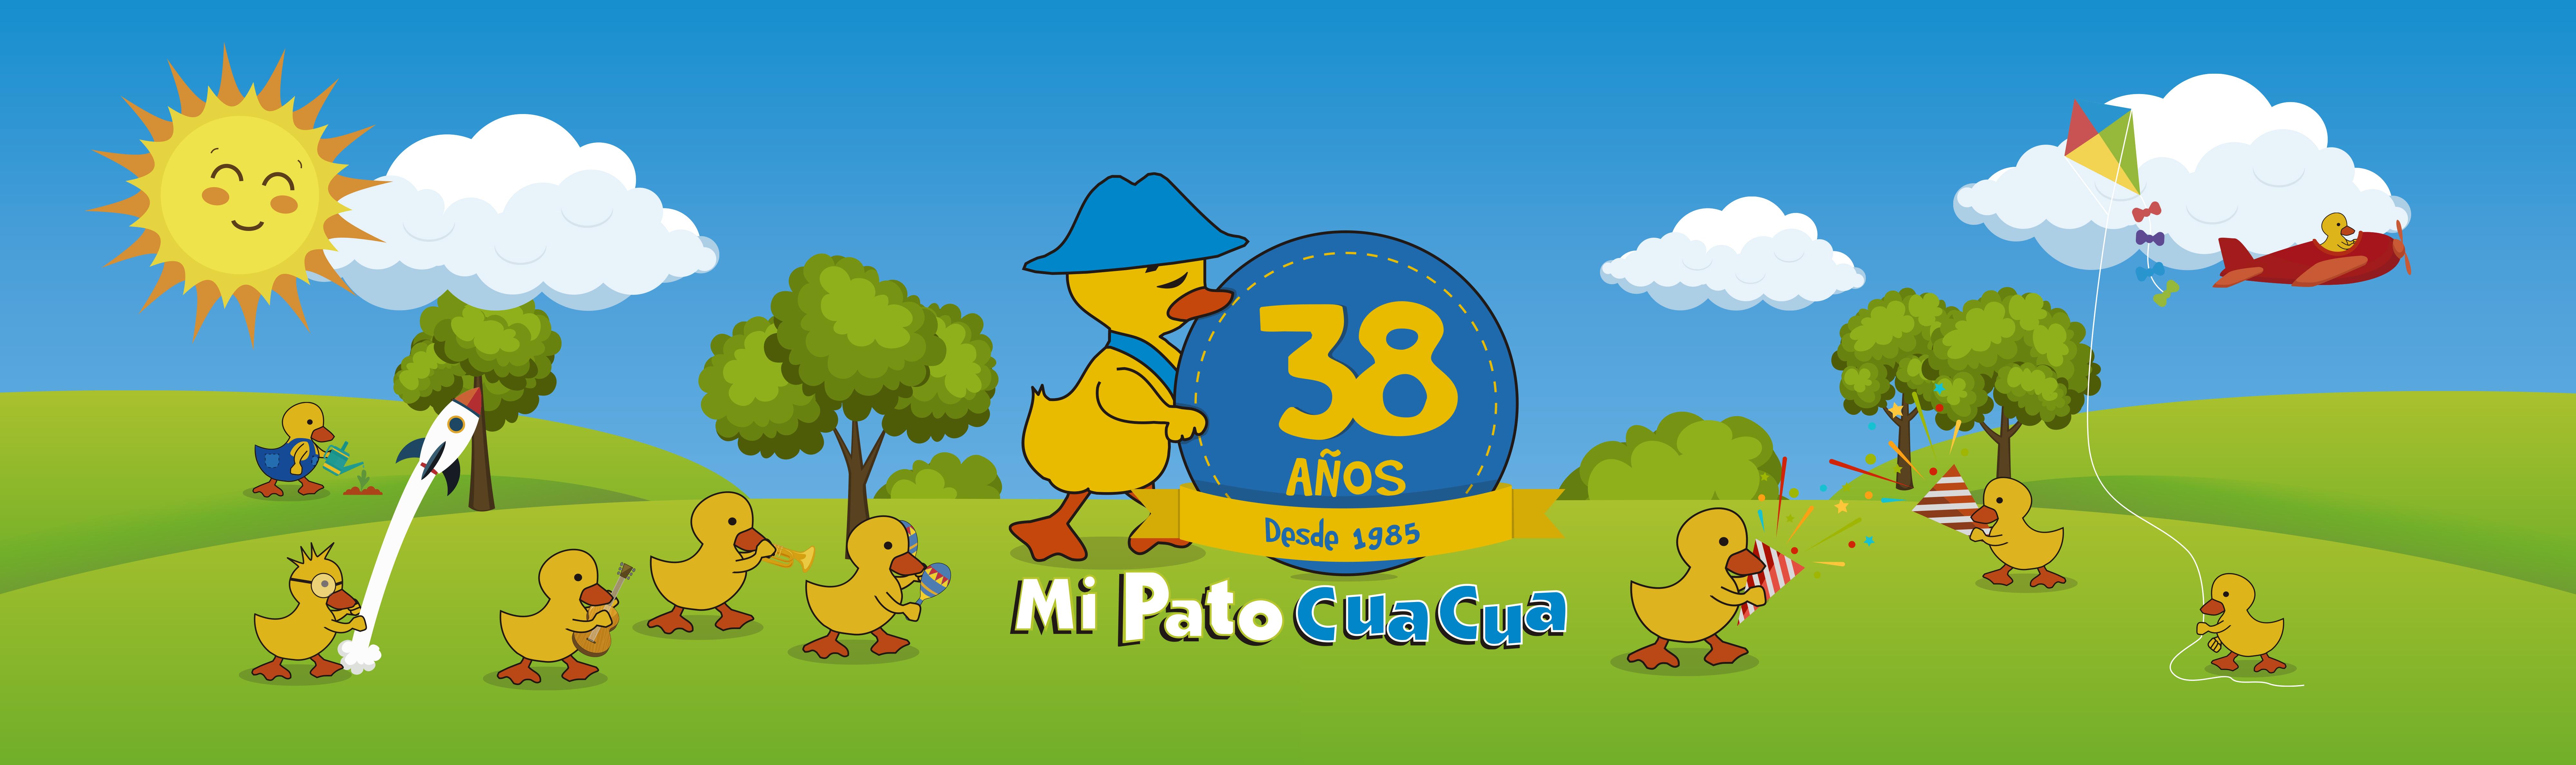 36 años de fundado el Jardín infantil Mi Pato Cua Cua en Bog